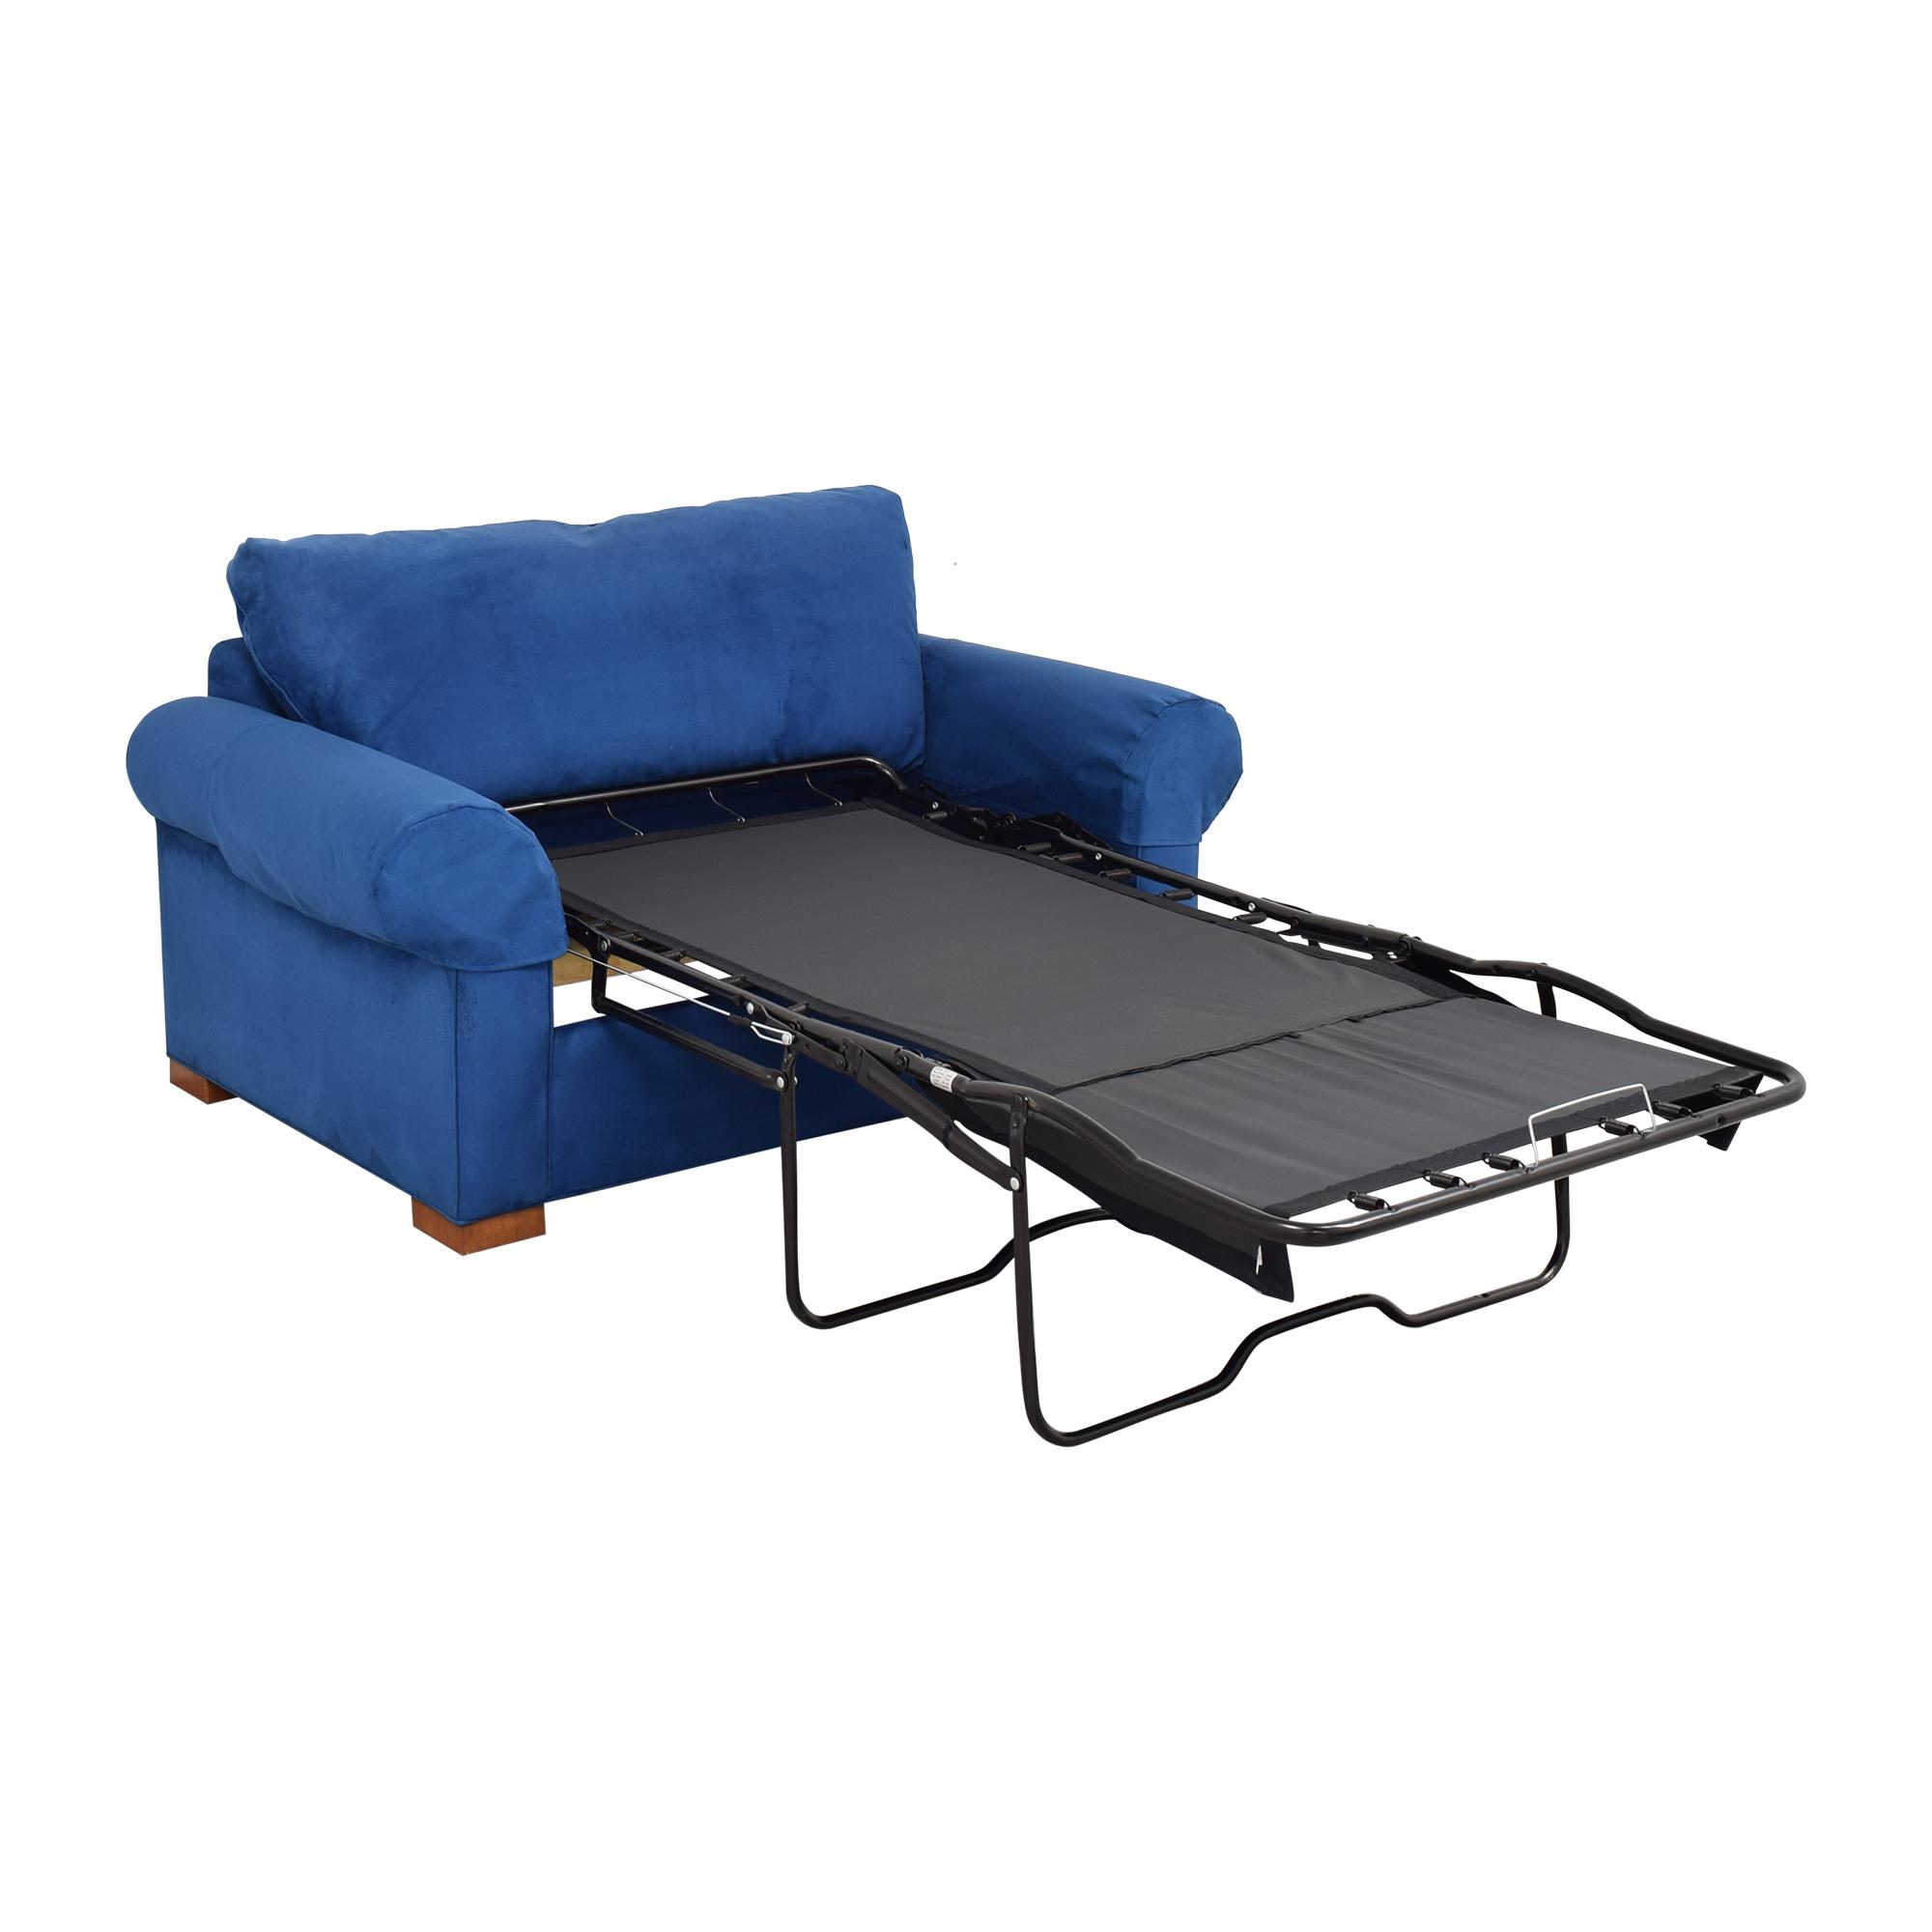 Ethan Allen Ethan Allen Twin Sleeper Marina Chair with Ottoman blue